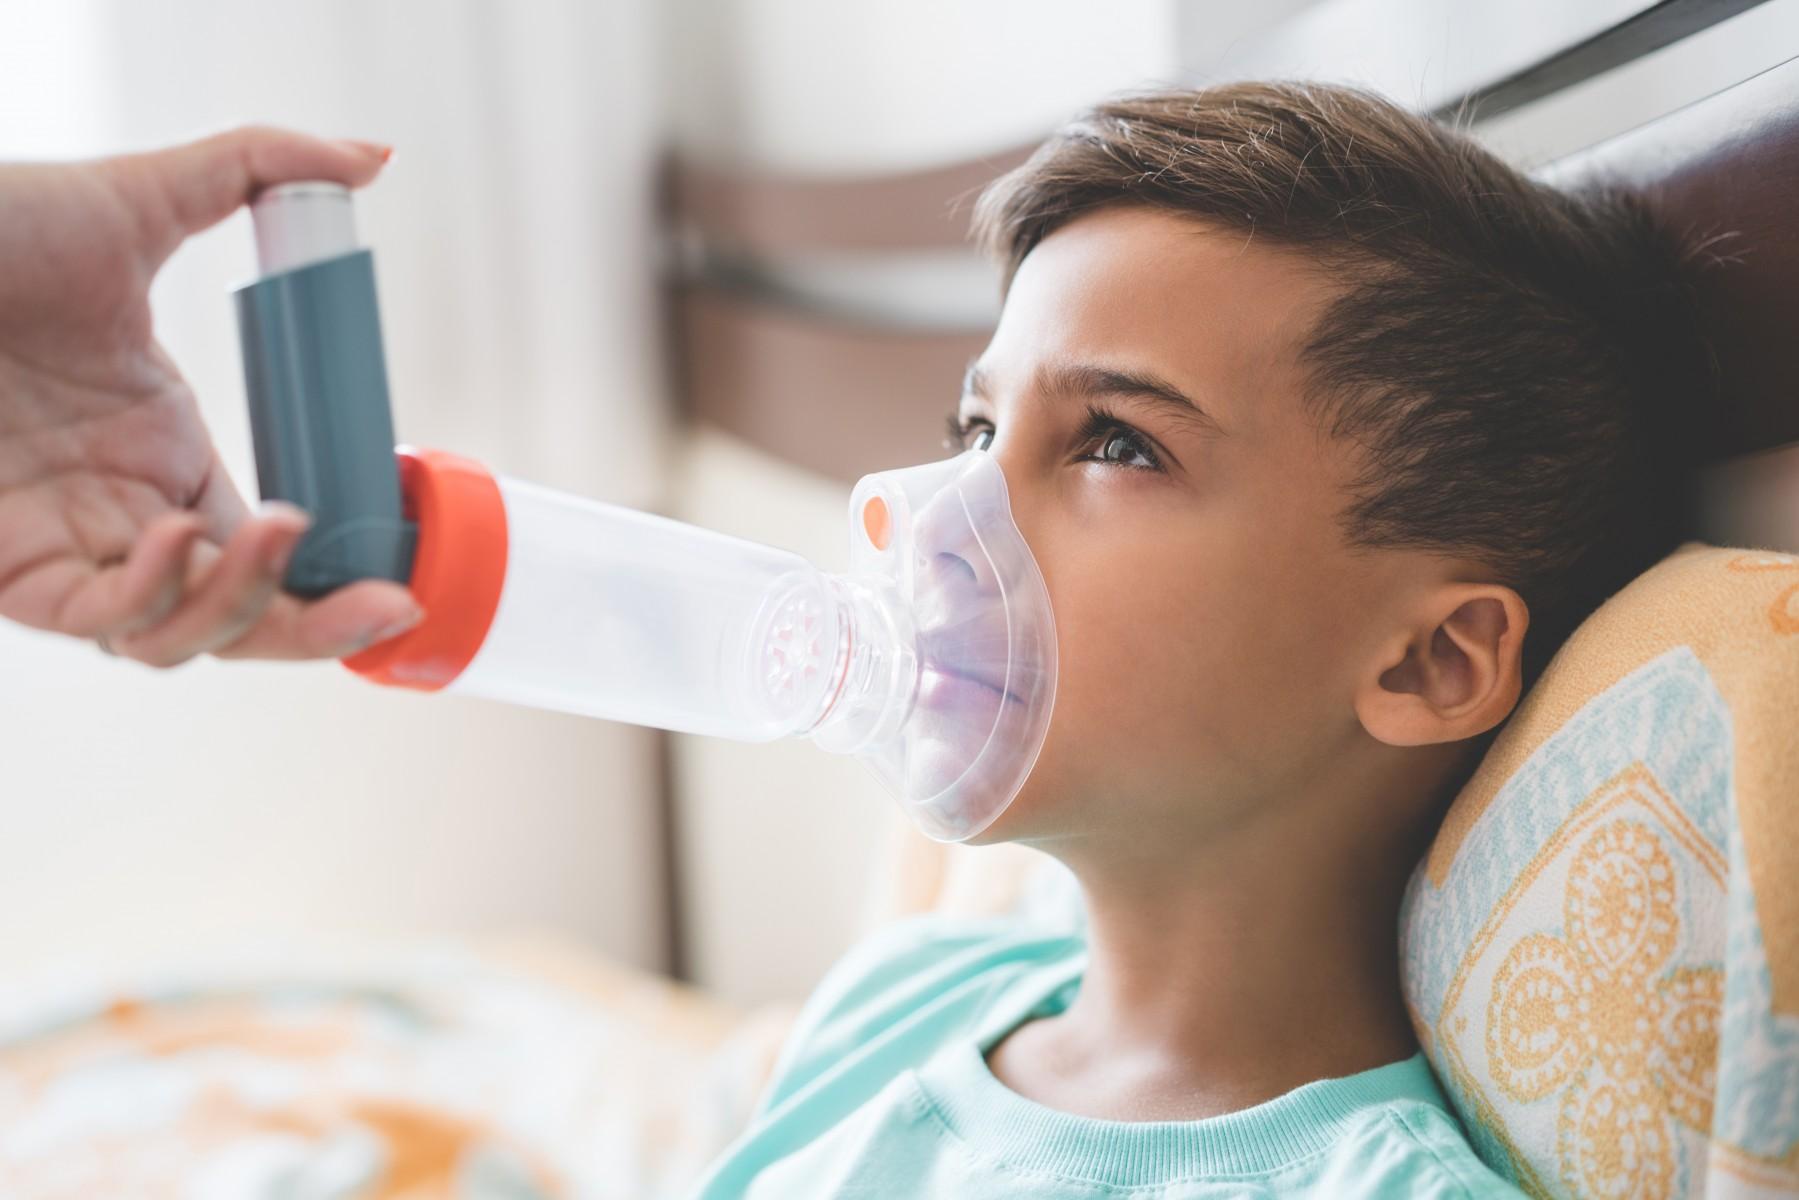 Άσθμα Συμπτώματα: Νέα μελέτη συνδέει την πρόσληψη κρέατος με το παιδικό άσθμα